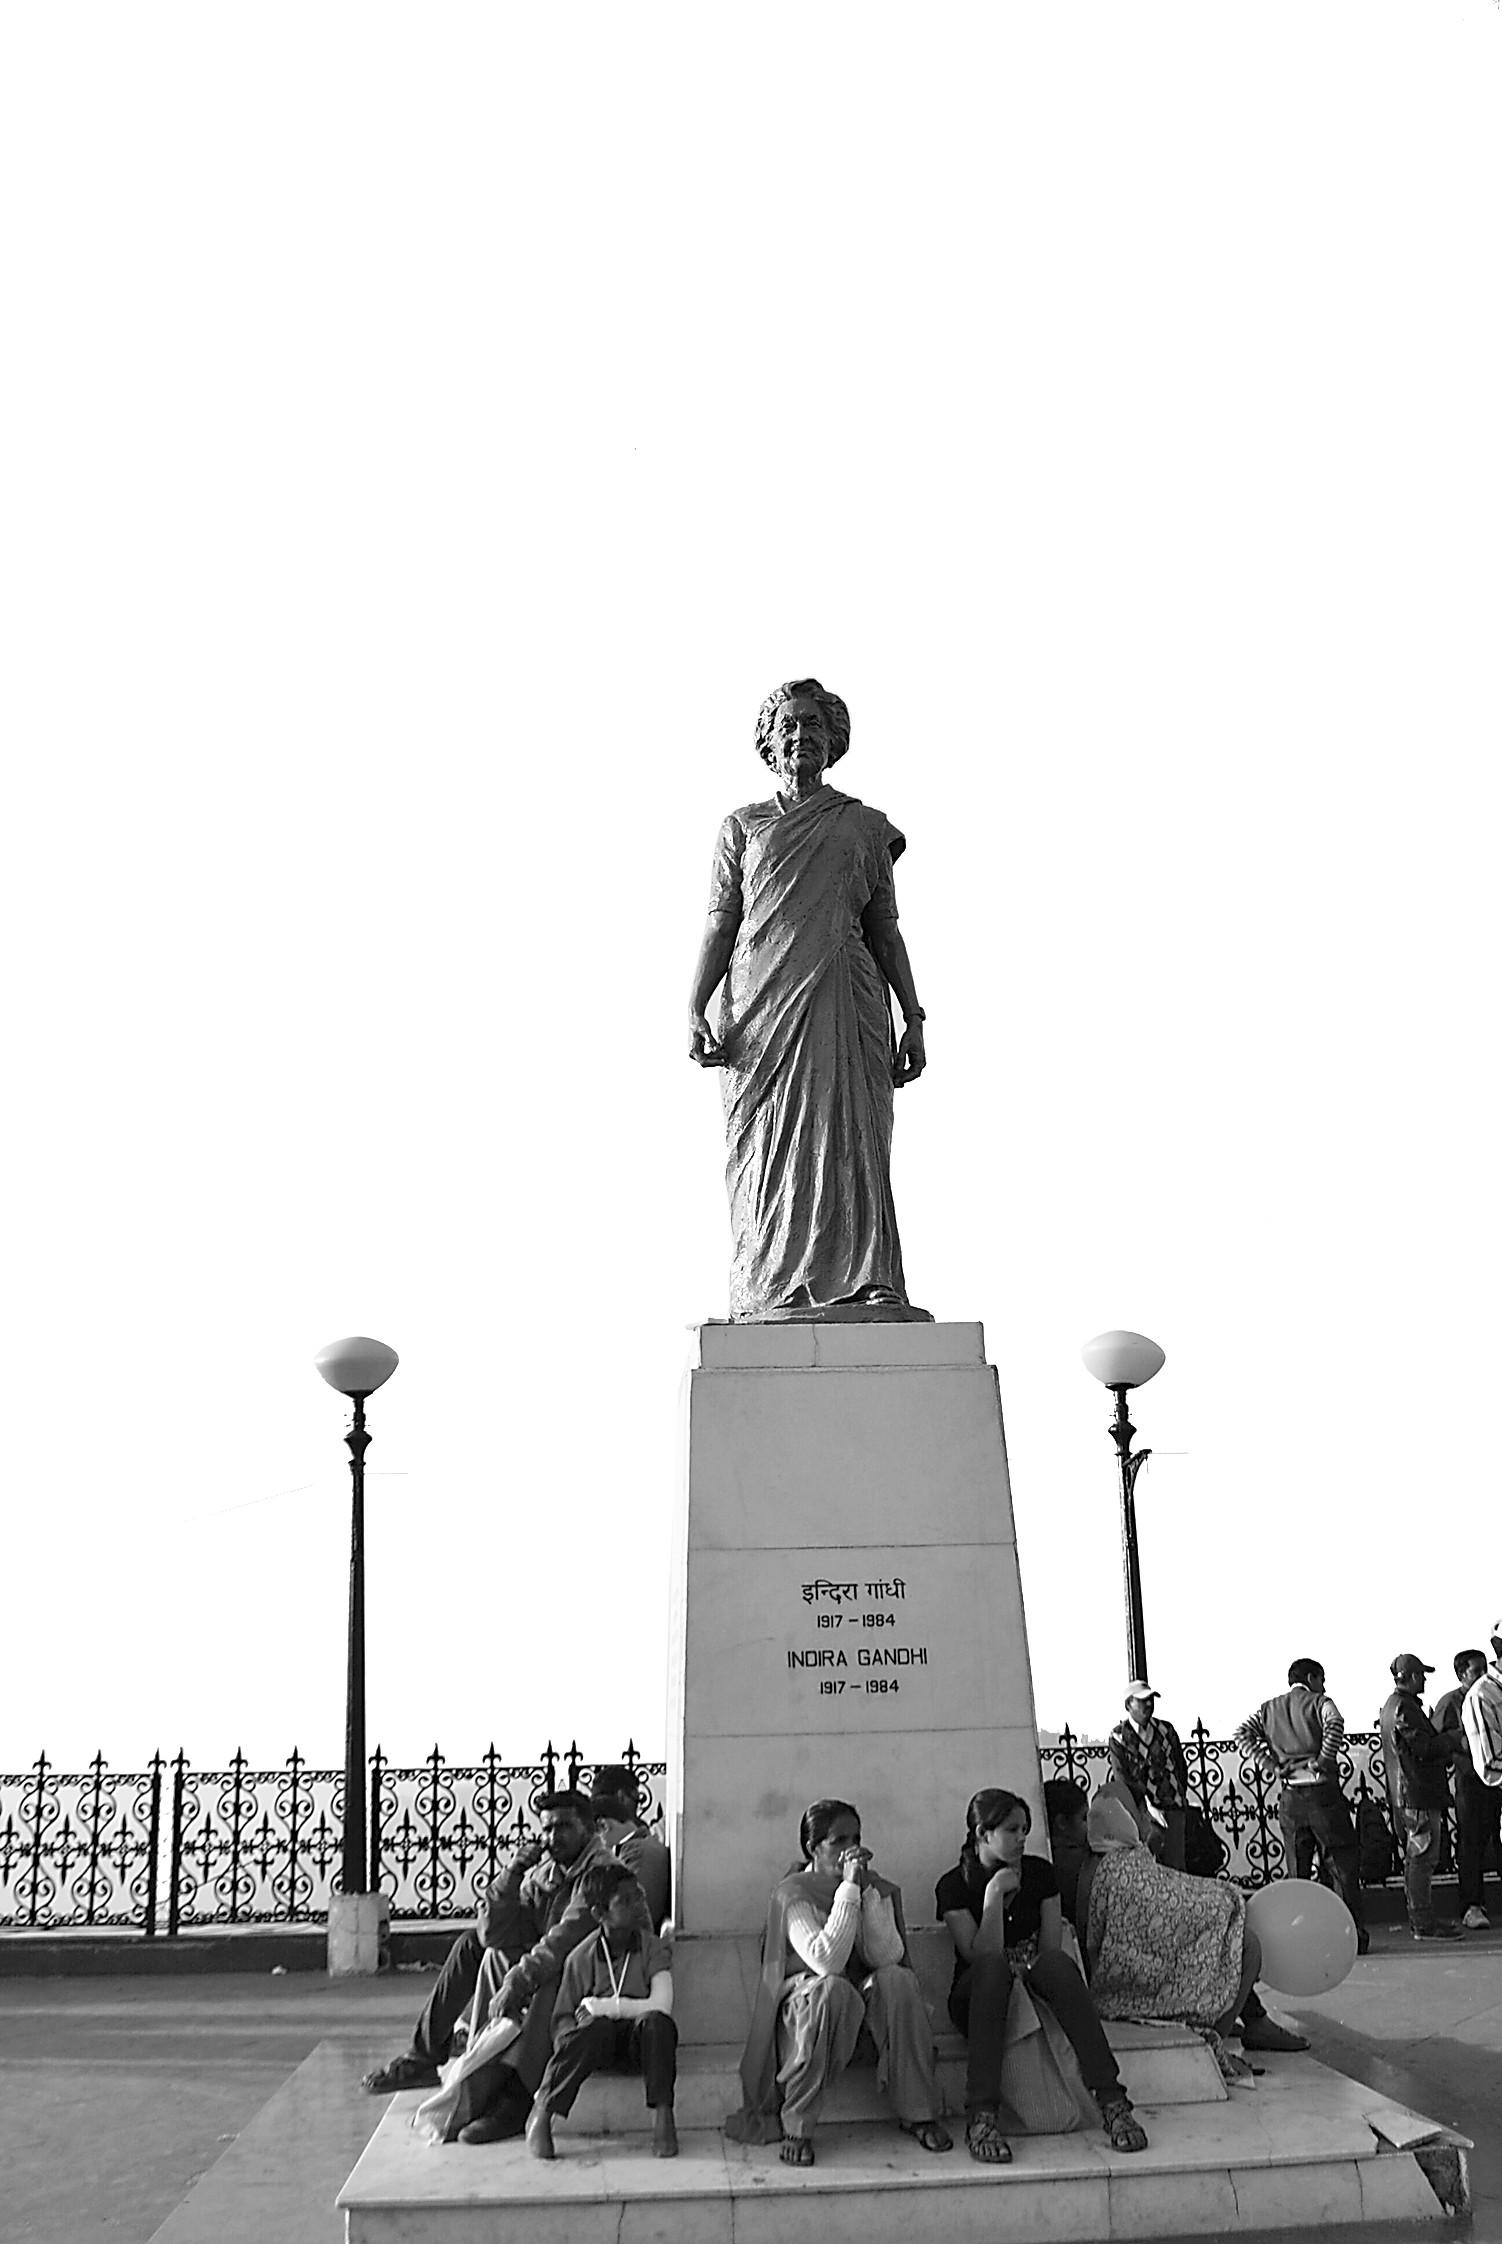 印度人建雕像不只为神佛